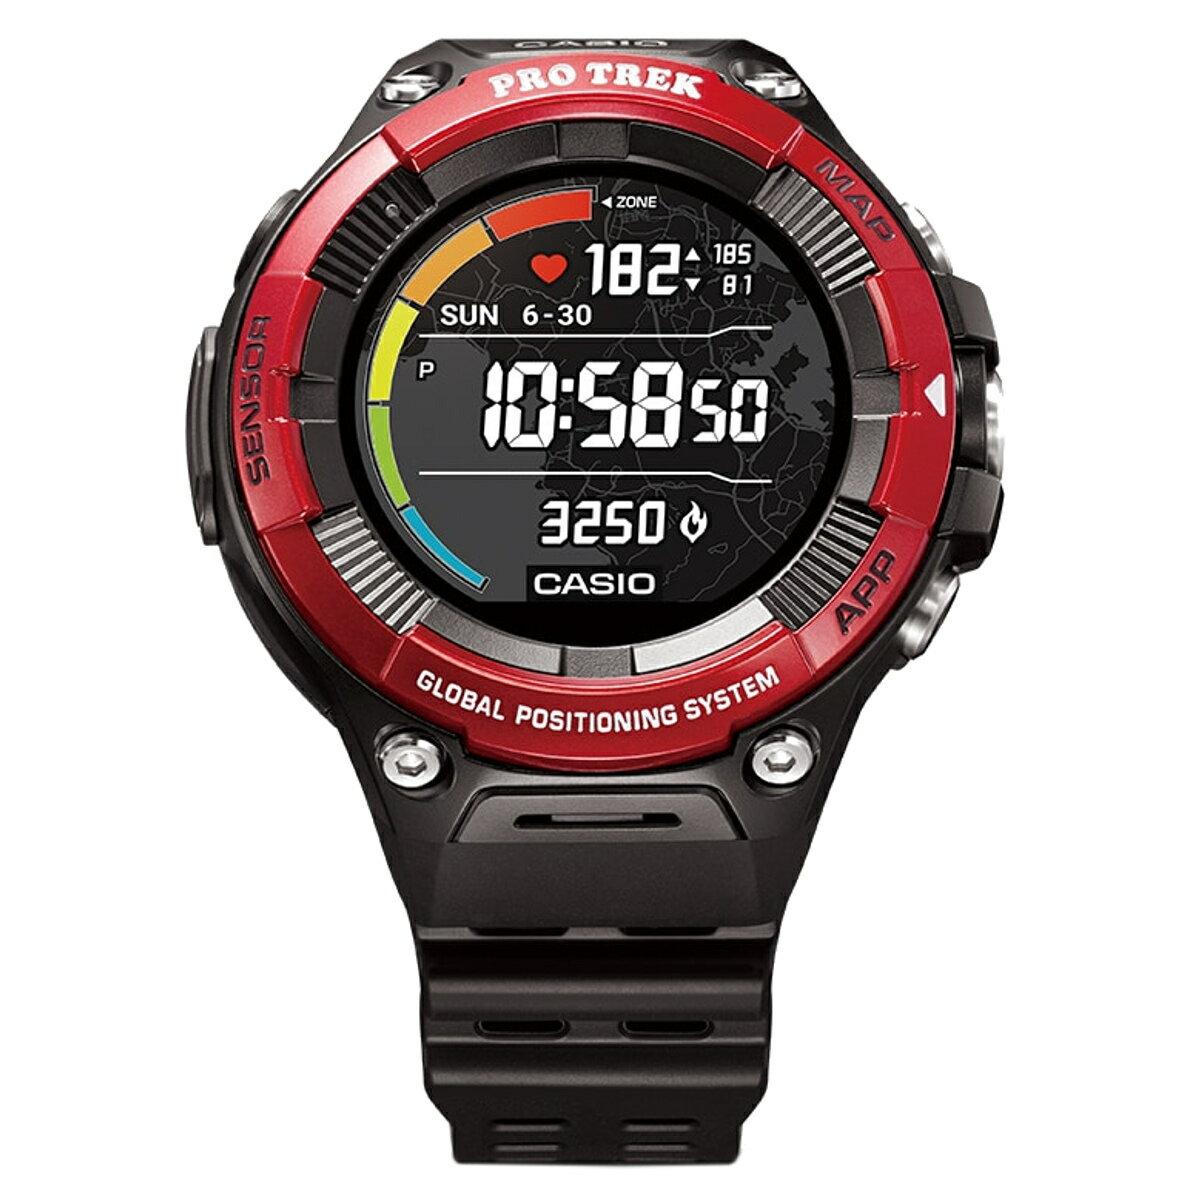 CASIO Watches PRO TREK Smart WSD-F21HR-RD